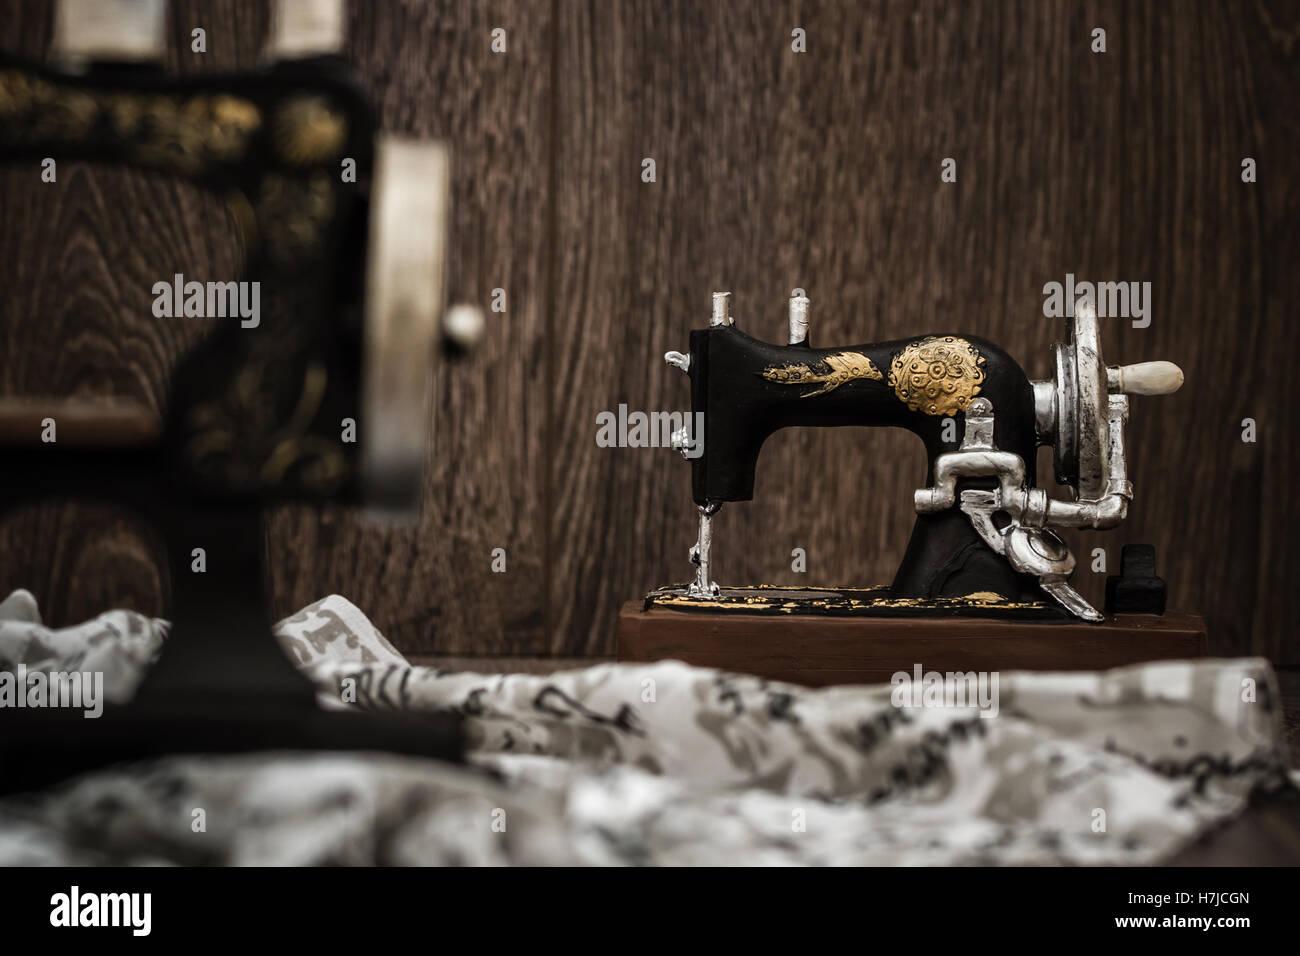 Kleinen nostalgischen dekorative Nähmaschine auf braunem Holz Hintergrund Stockbild